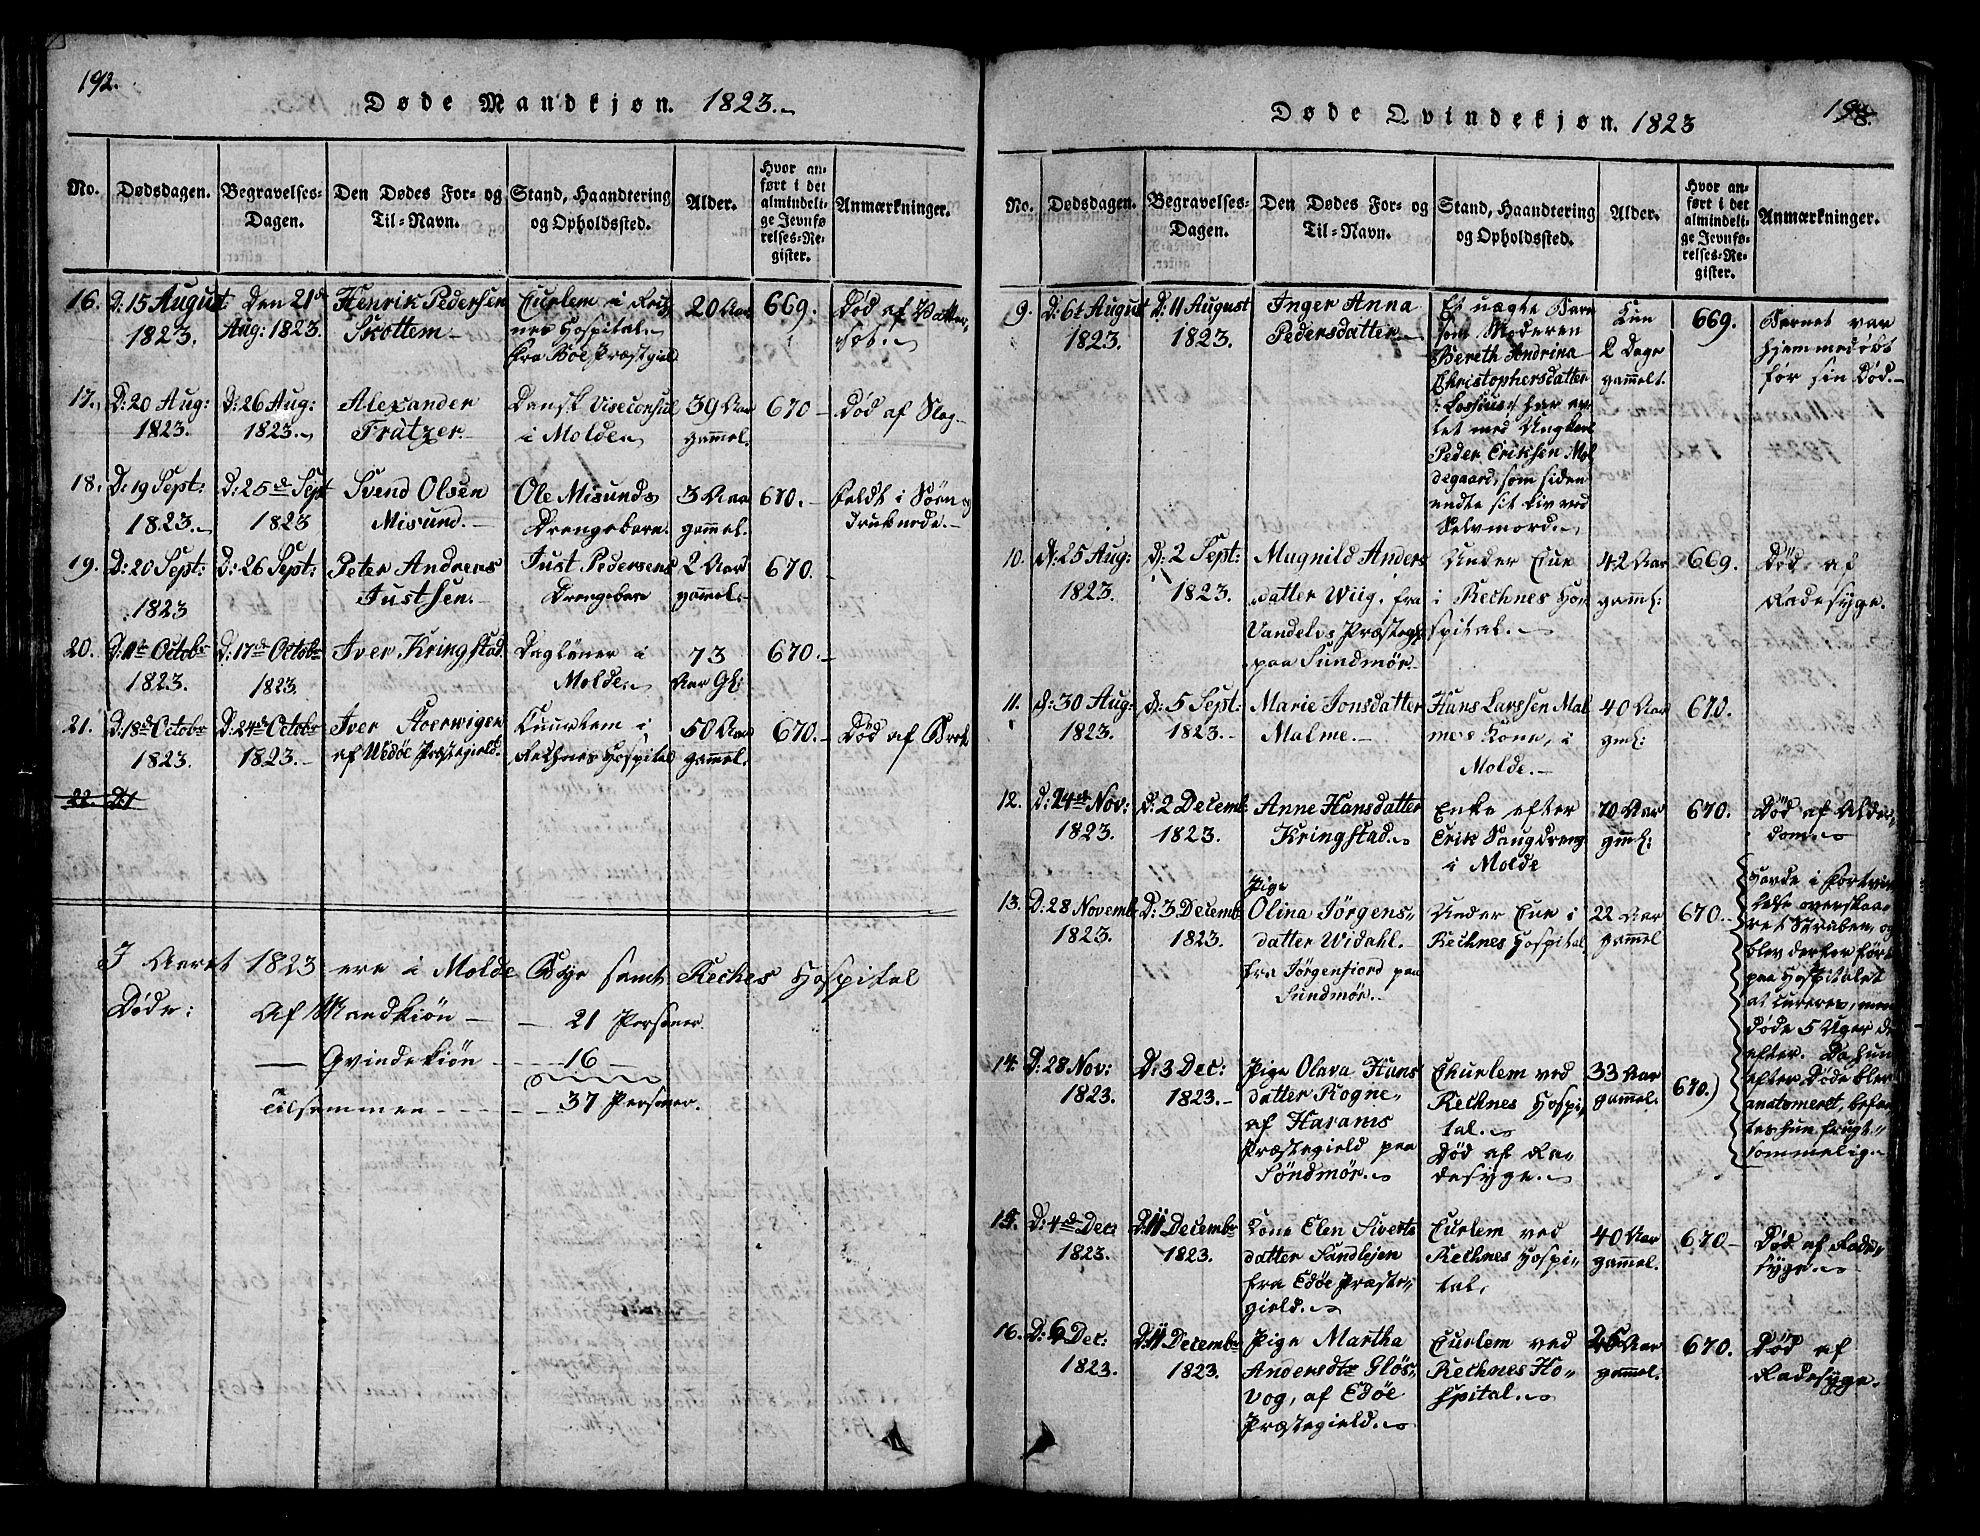 SAT, Ministerialprotokoller, klokkerbøker og fødselsregistre - Møre og Romsdal, 558/L0700: Klokkerbok nr. 558C01, 1818-1868, s. 192-193